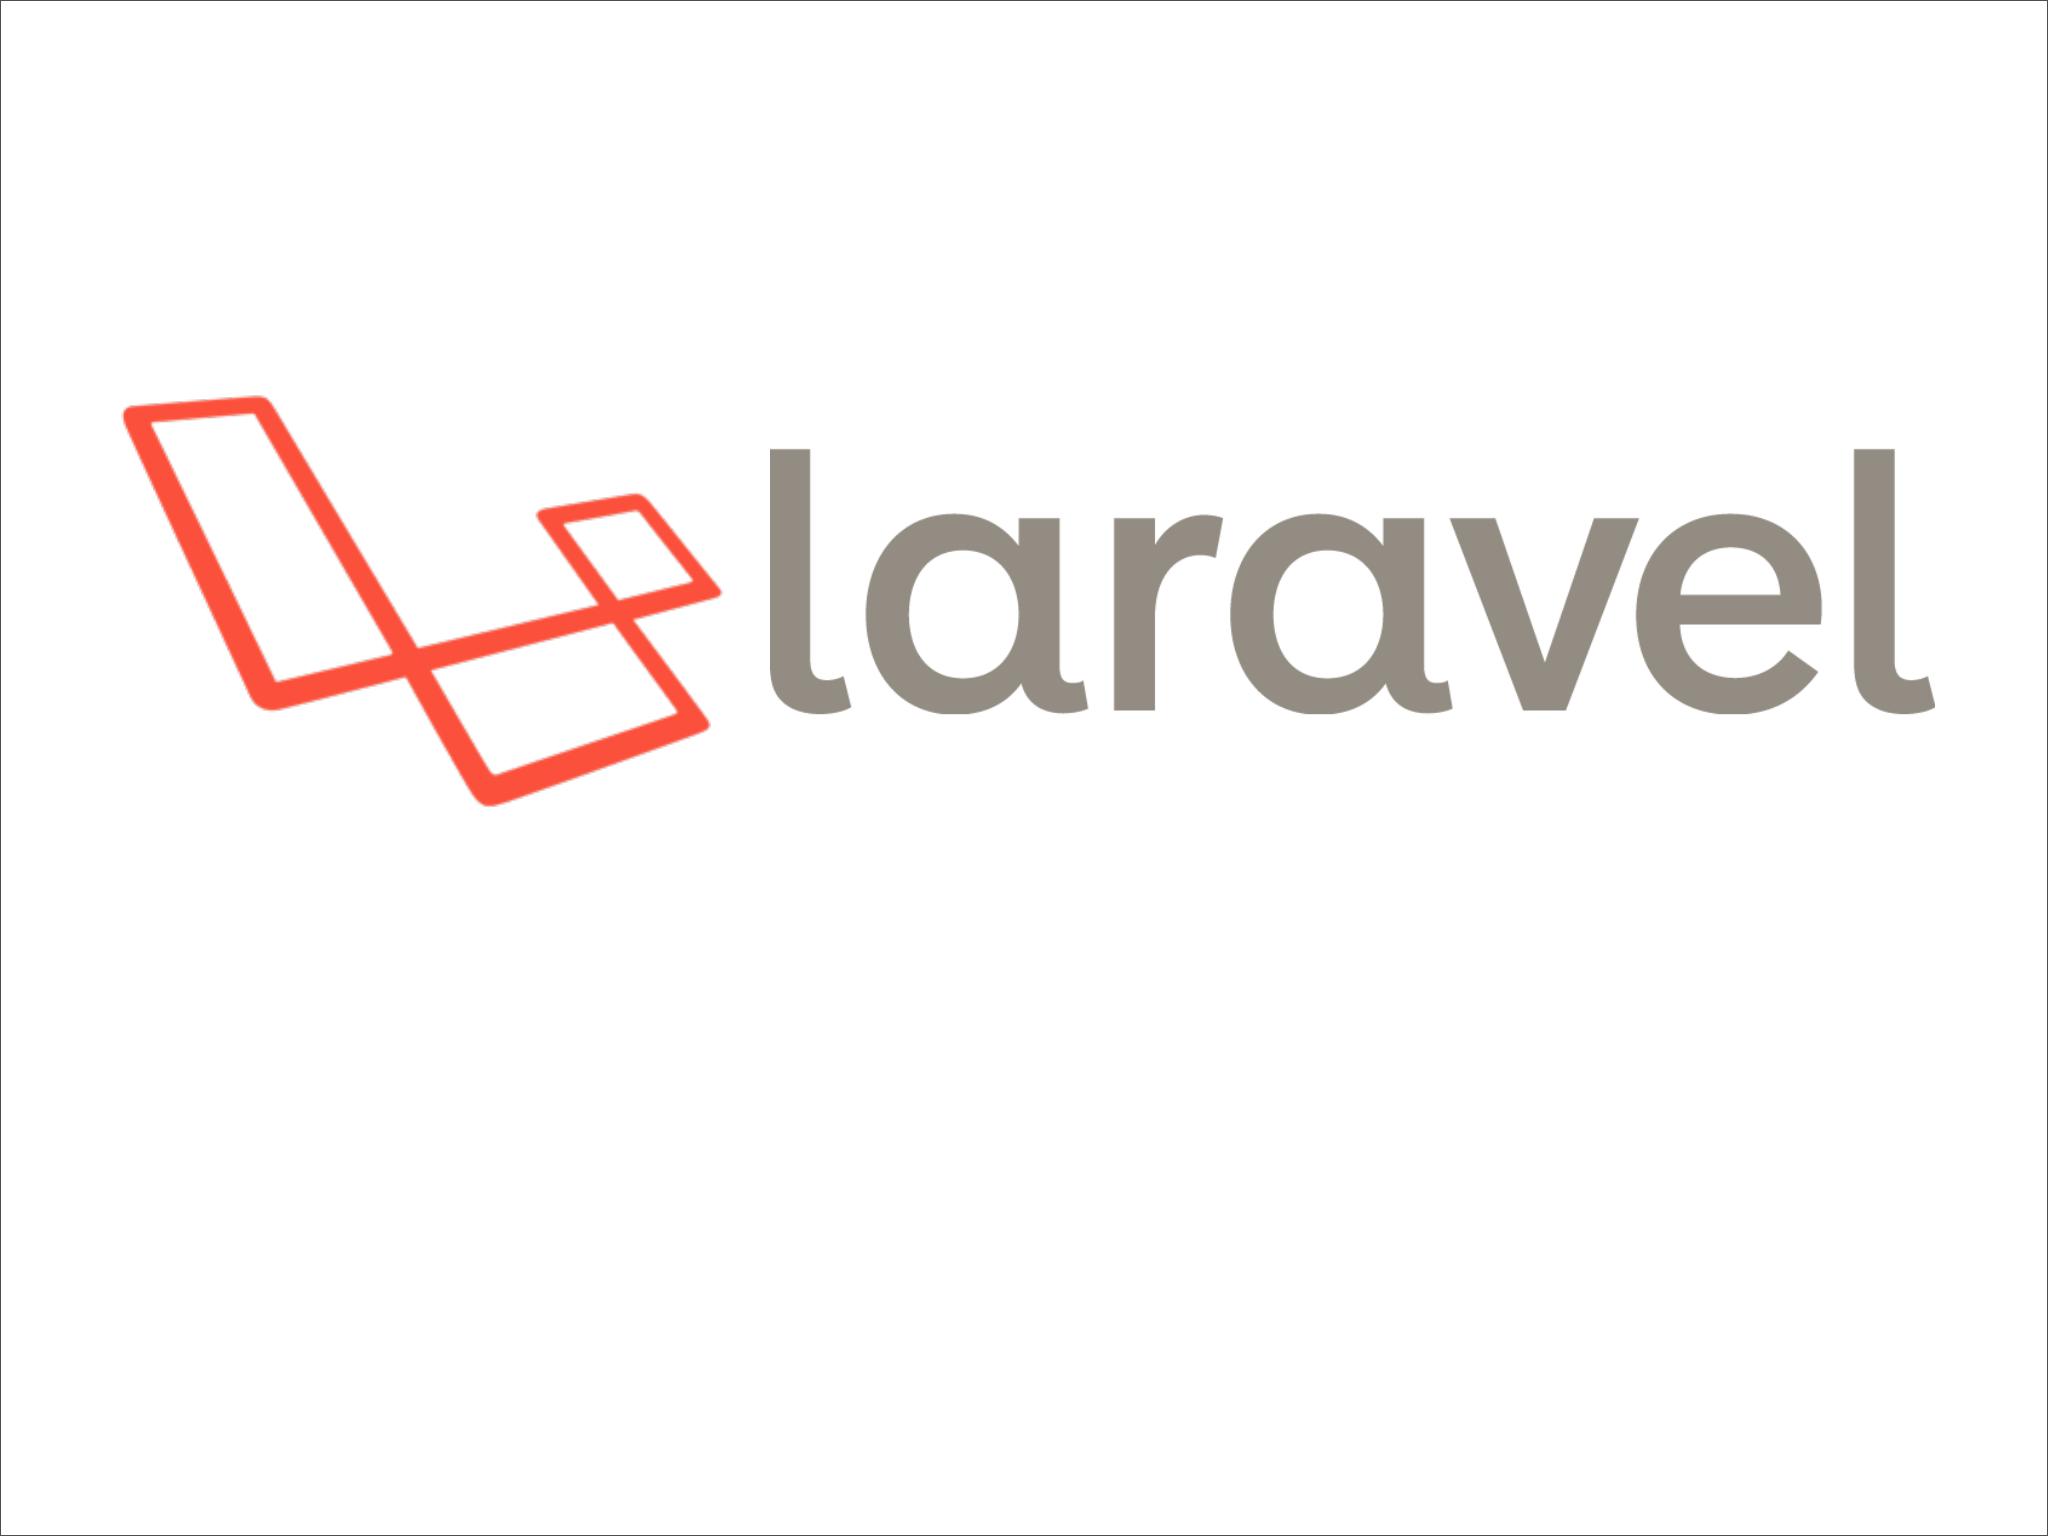 Laravel – framework for web artisans